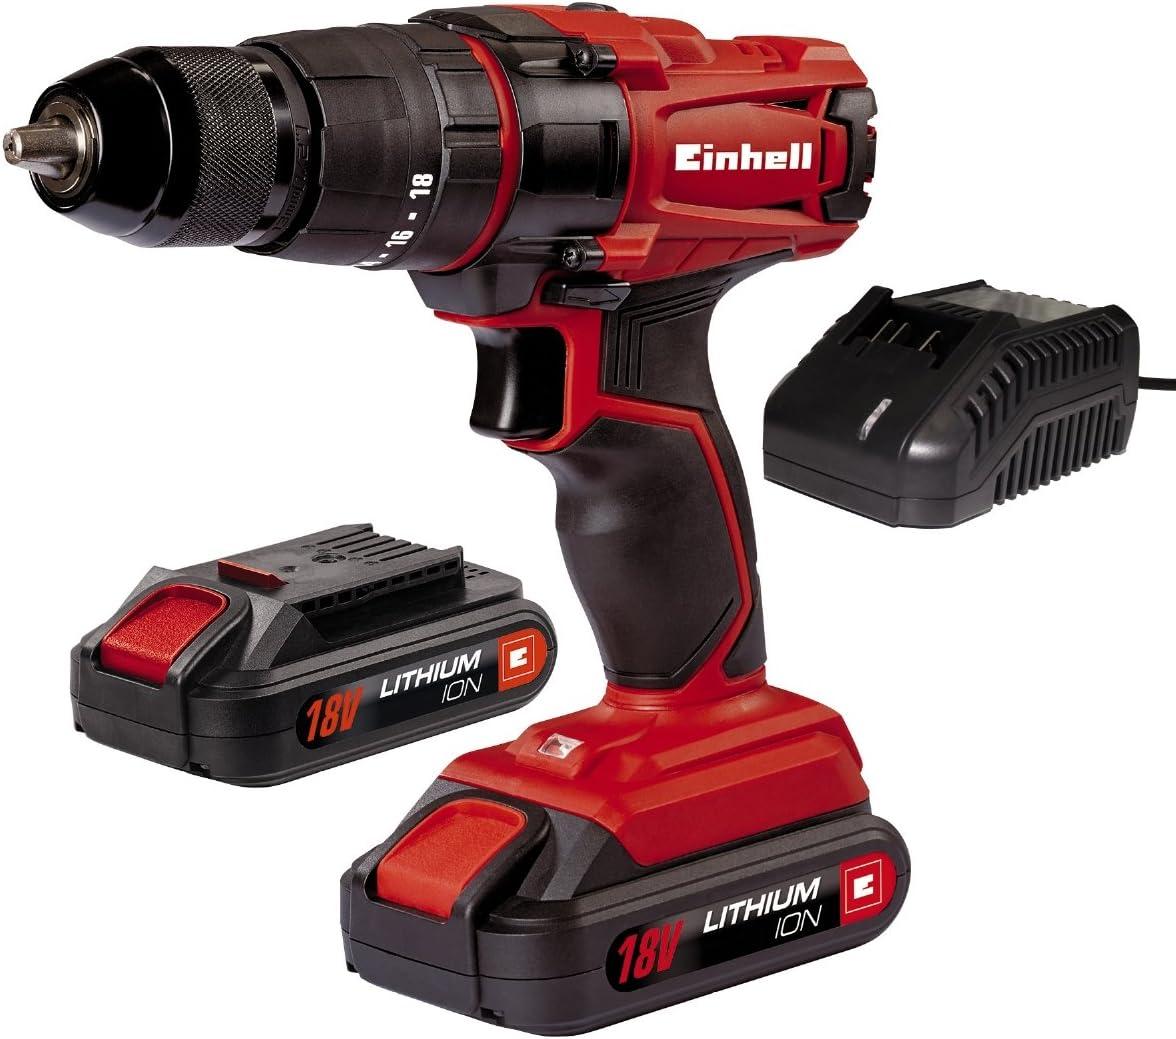 Einhell TC-CD 18-2 Li-i - Taladro de impacto sin cable, con cargador, 2 baterías 1.5 Ah, 2 velocidades, portabrocas 13 mm, 40 Nm, 18 V, color rojo y negro (ref. 4513825)